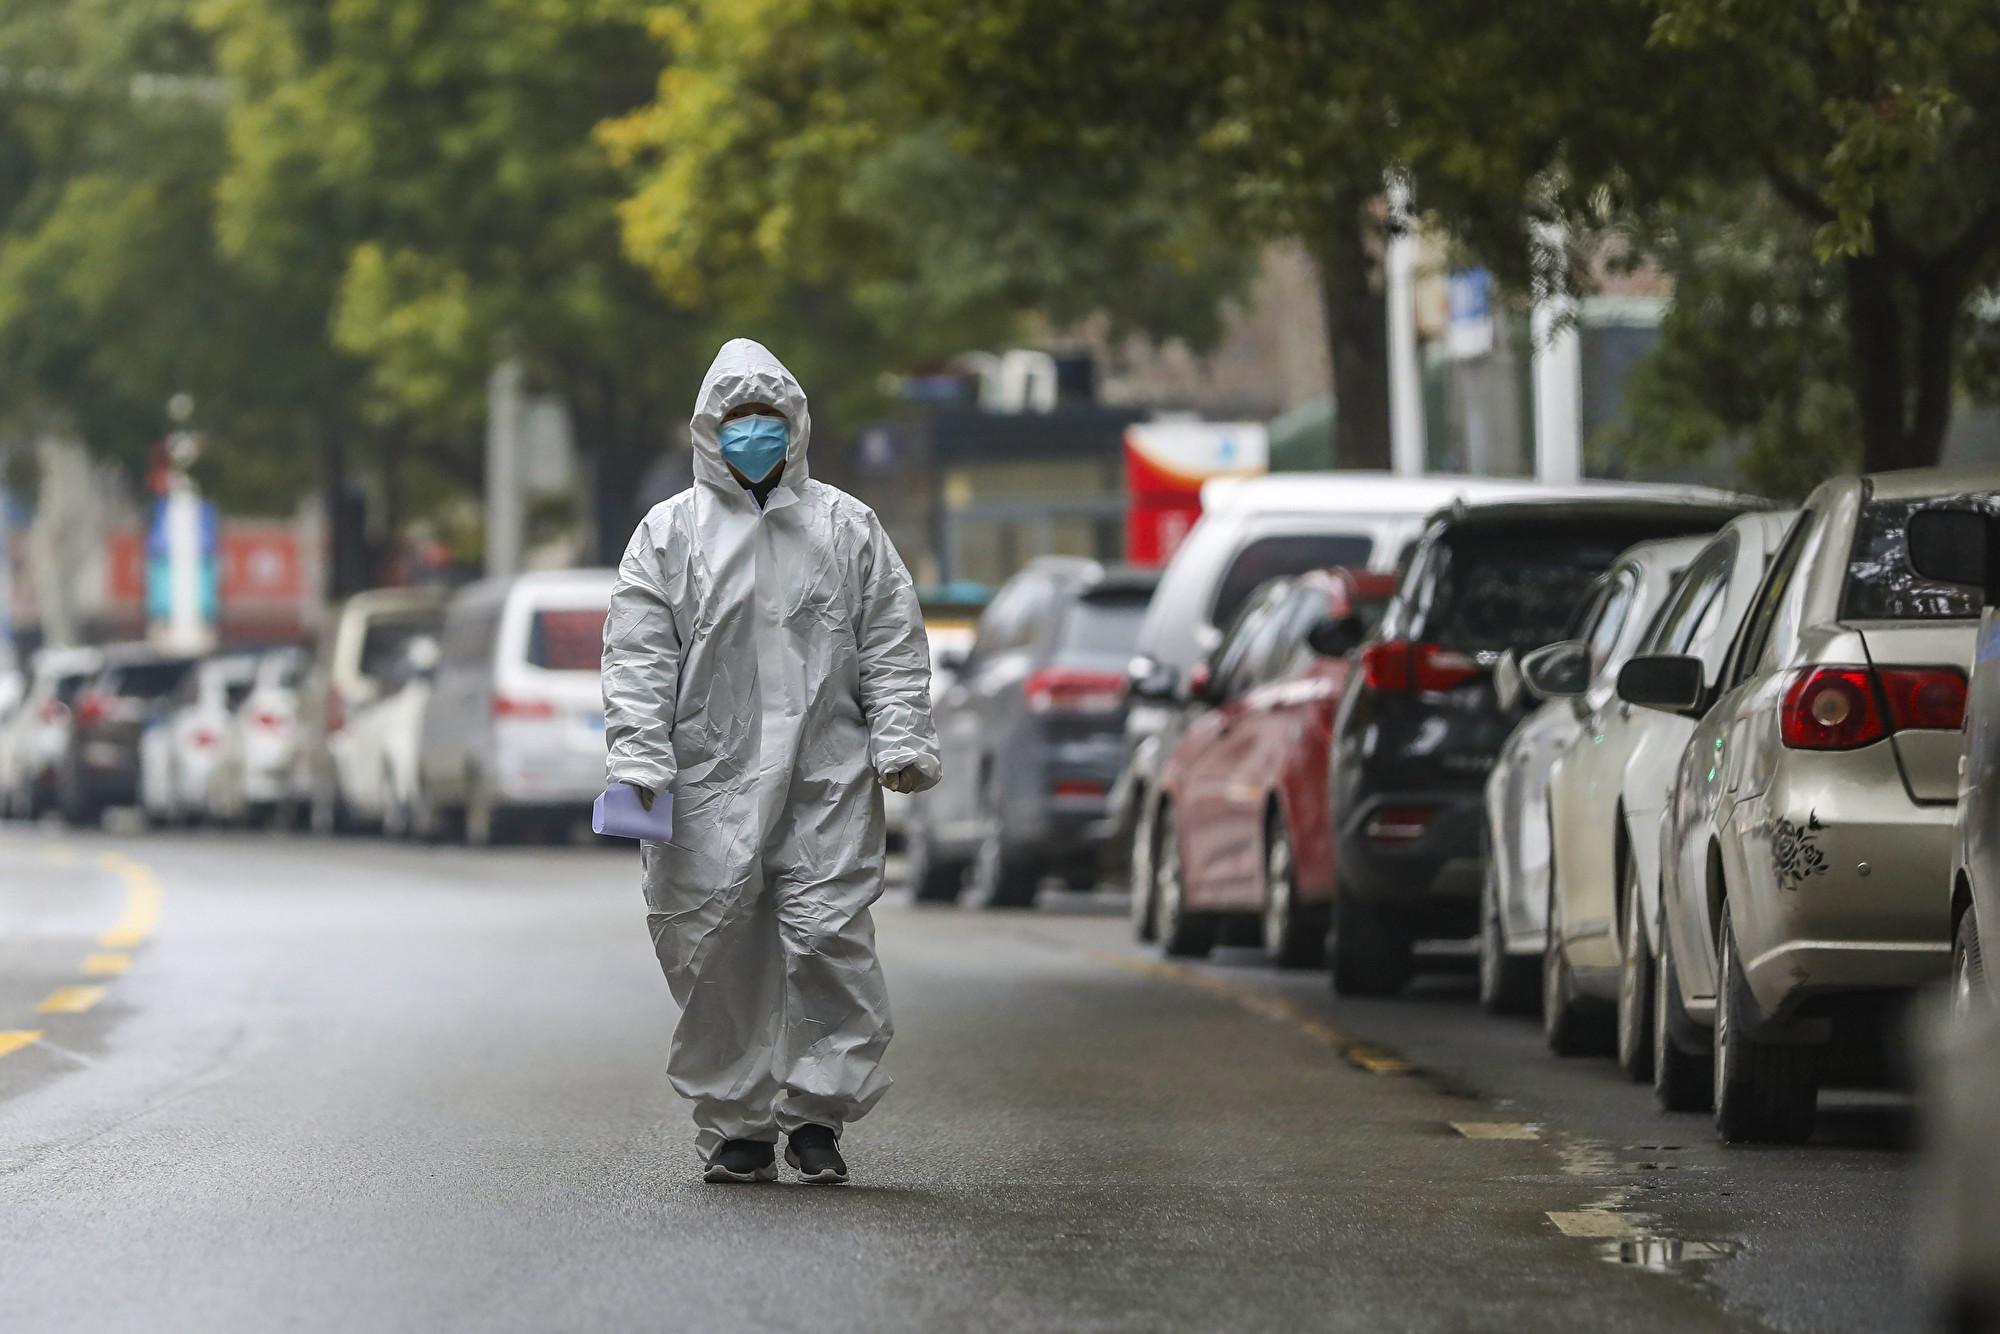 中共病毒(俗稱武漢病毒、新冠病毒)兇猛,武漢於1月23日封城。圖為1月27日,一名醫務人員走在空空的街道上。(加通社)